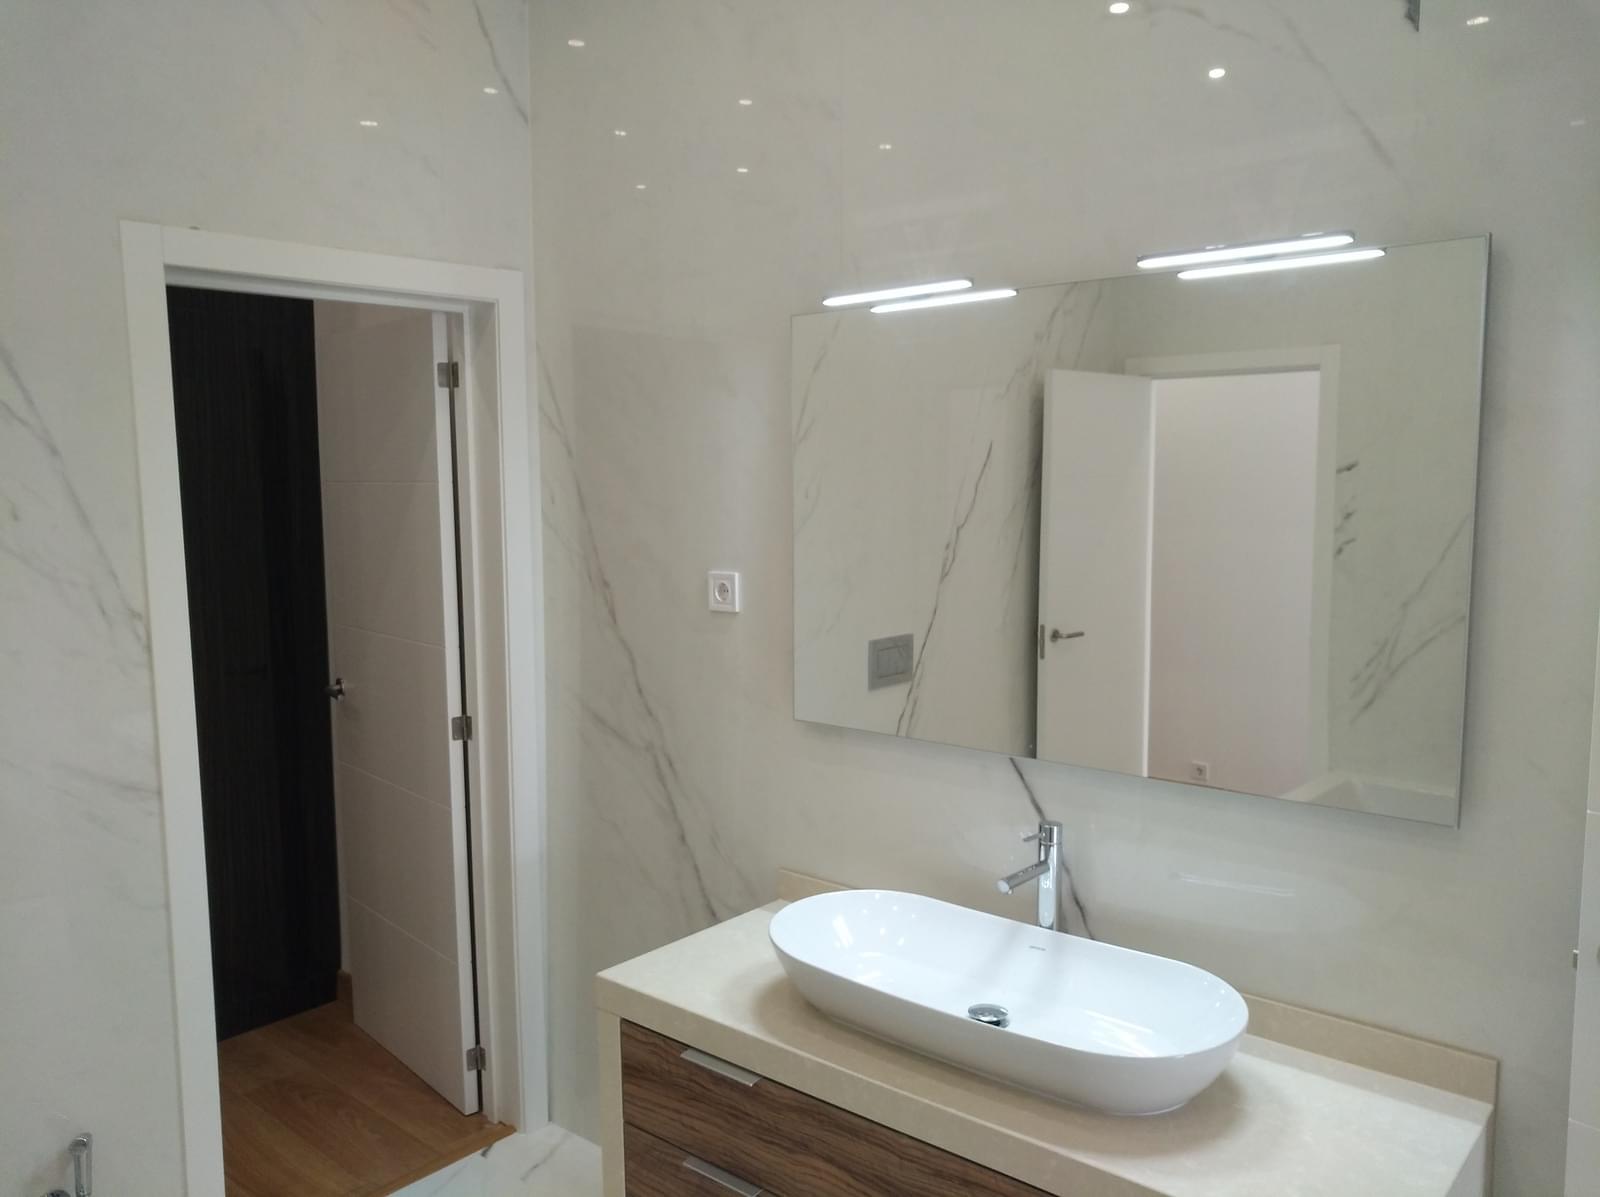 pf17316-apartamento-t2-lisboa-316bd2ff-79a5-4bd3-bf99-9d02eda747f5